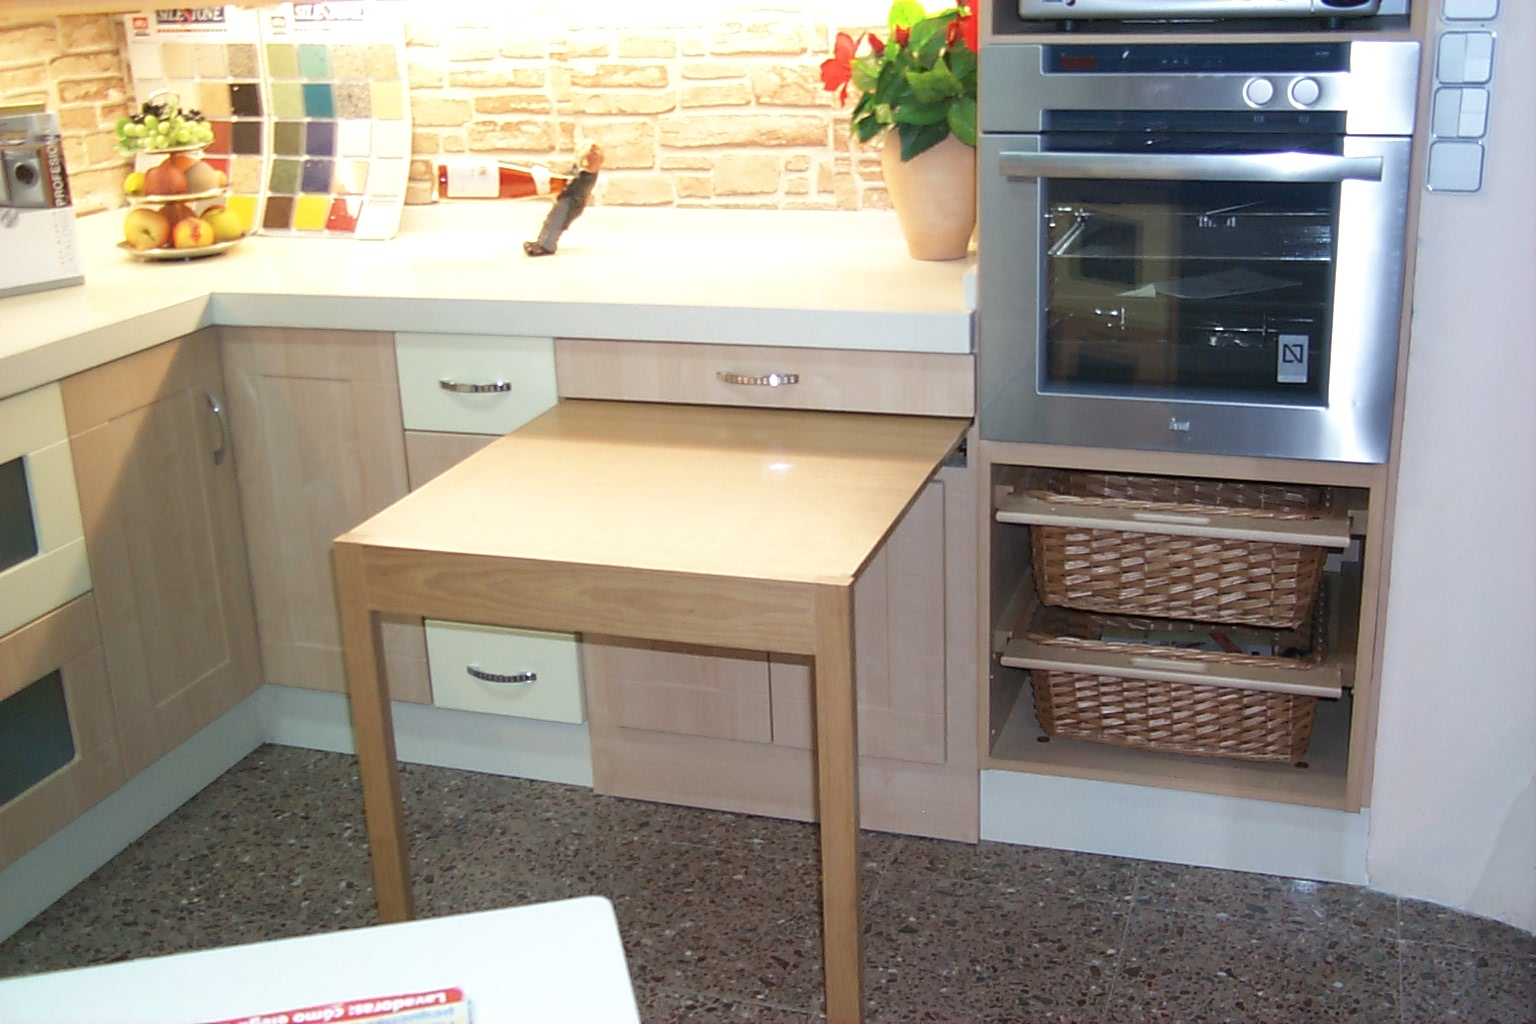 Mesa de cocina extraible induaho induaho - Mesas auxiliares para cocina ...